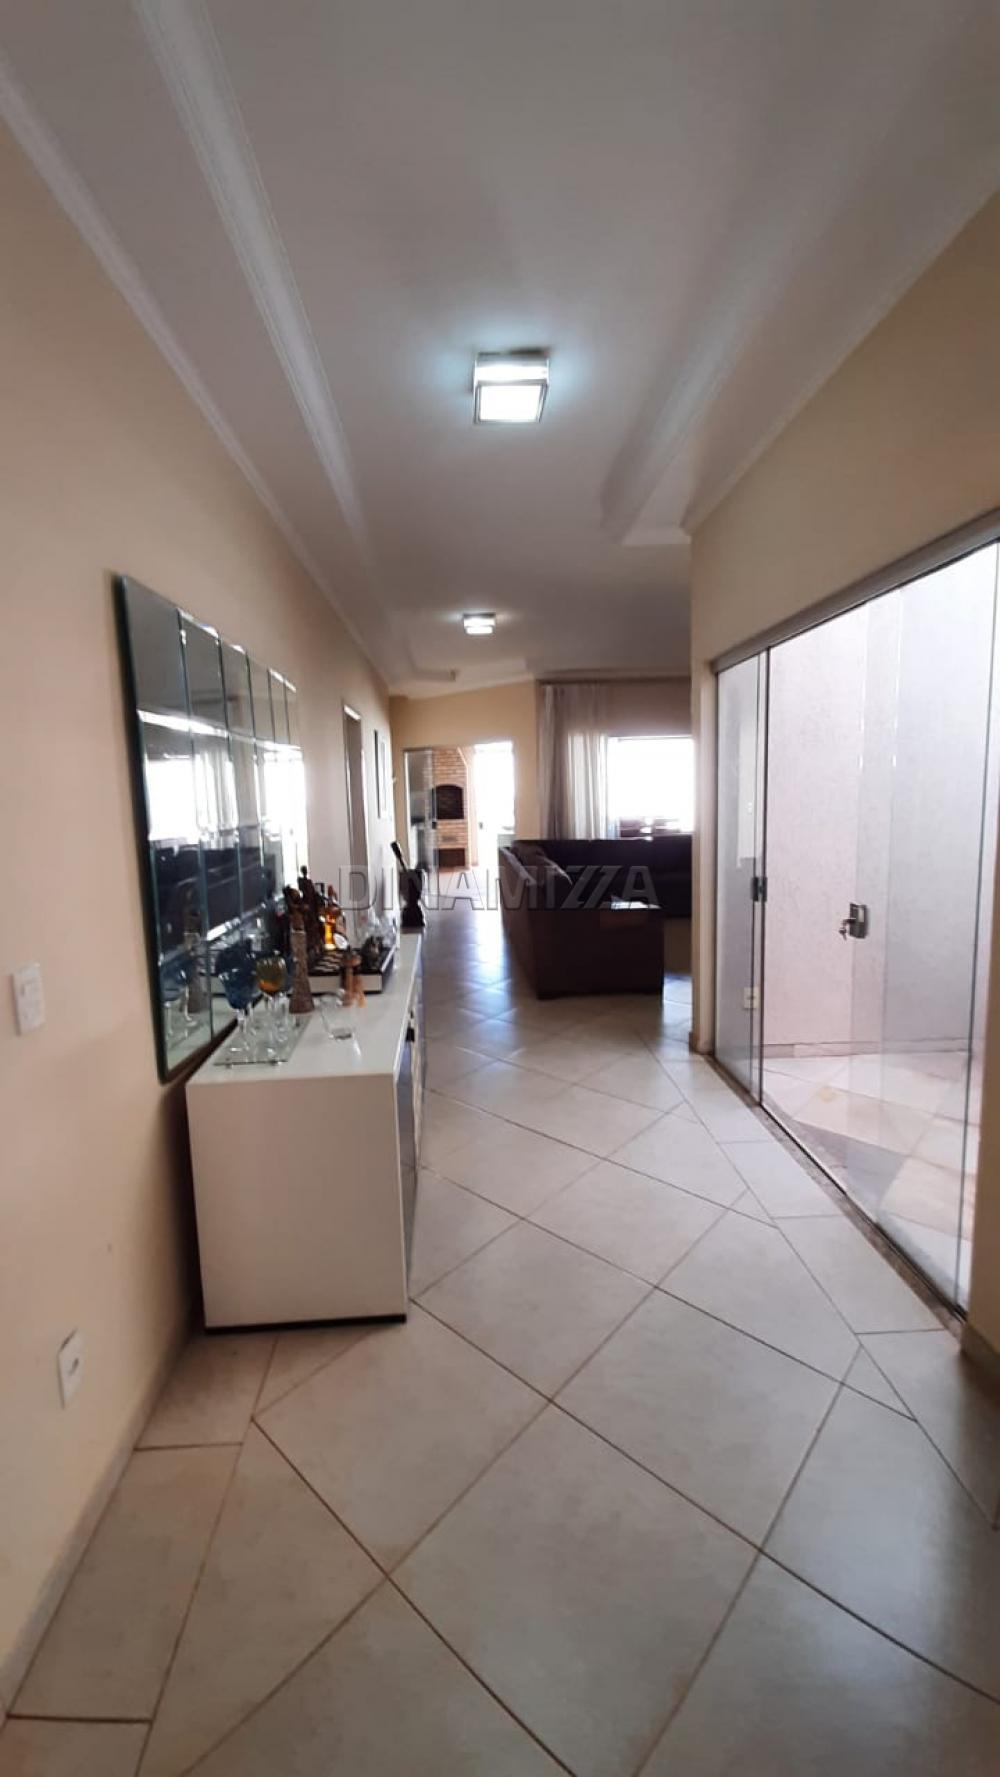 Alugar Casa / Padrão em Uberaba apenas R$ 3.500,00 - Foto 11